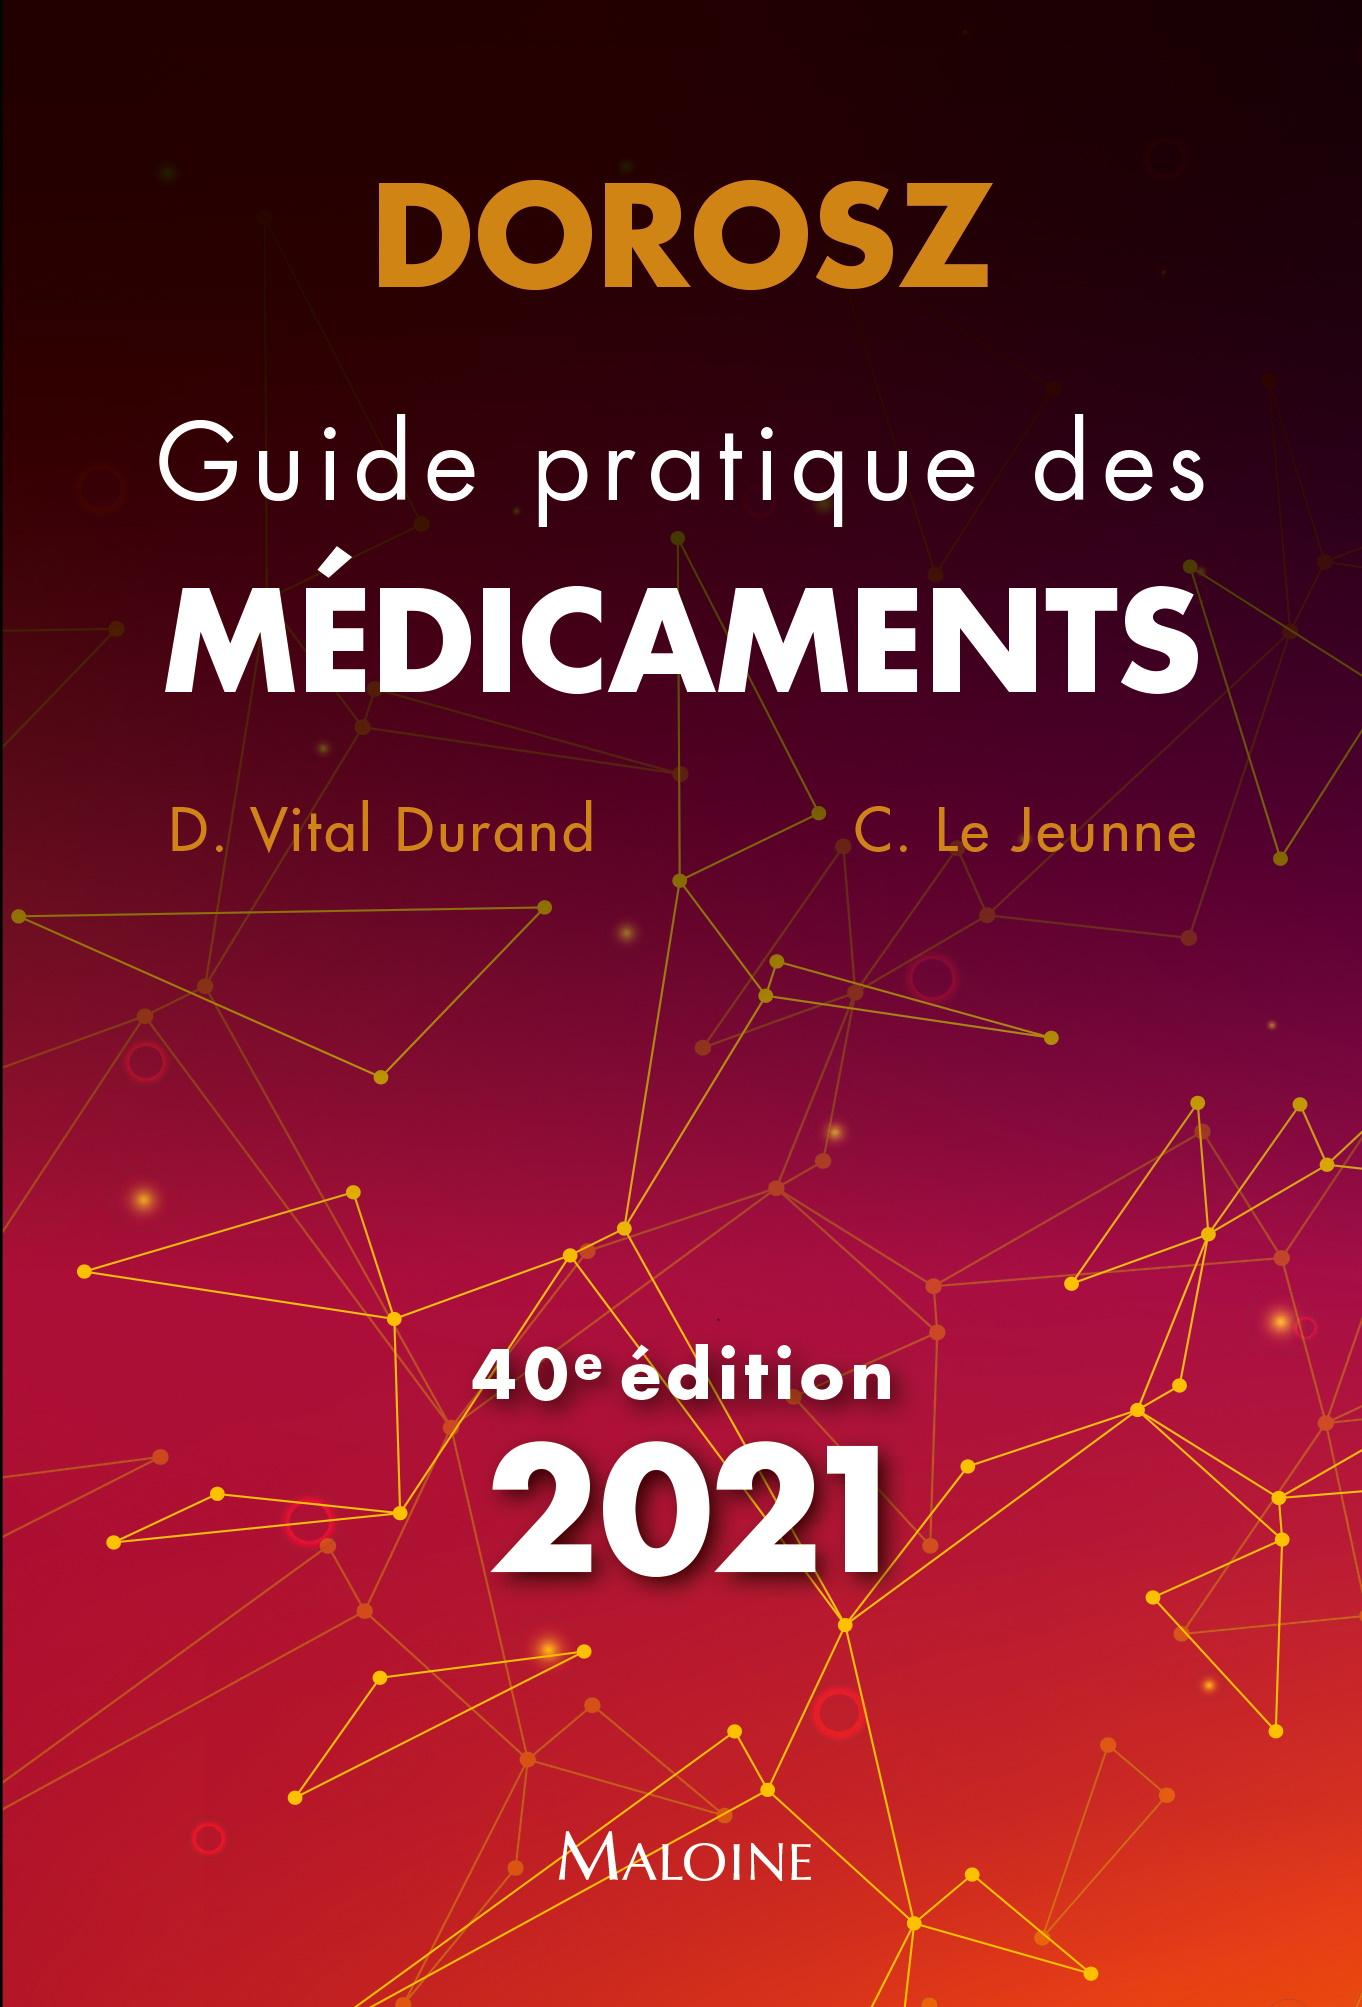 Dorosz Guide pratique des médicaments 2021, 40e éd